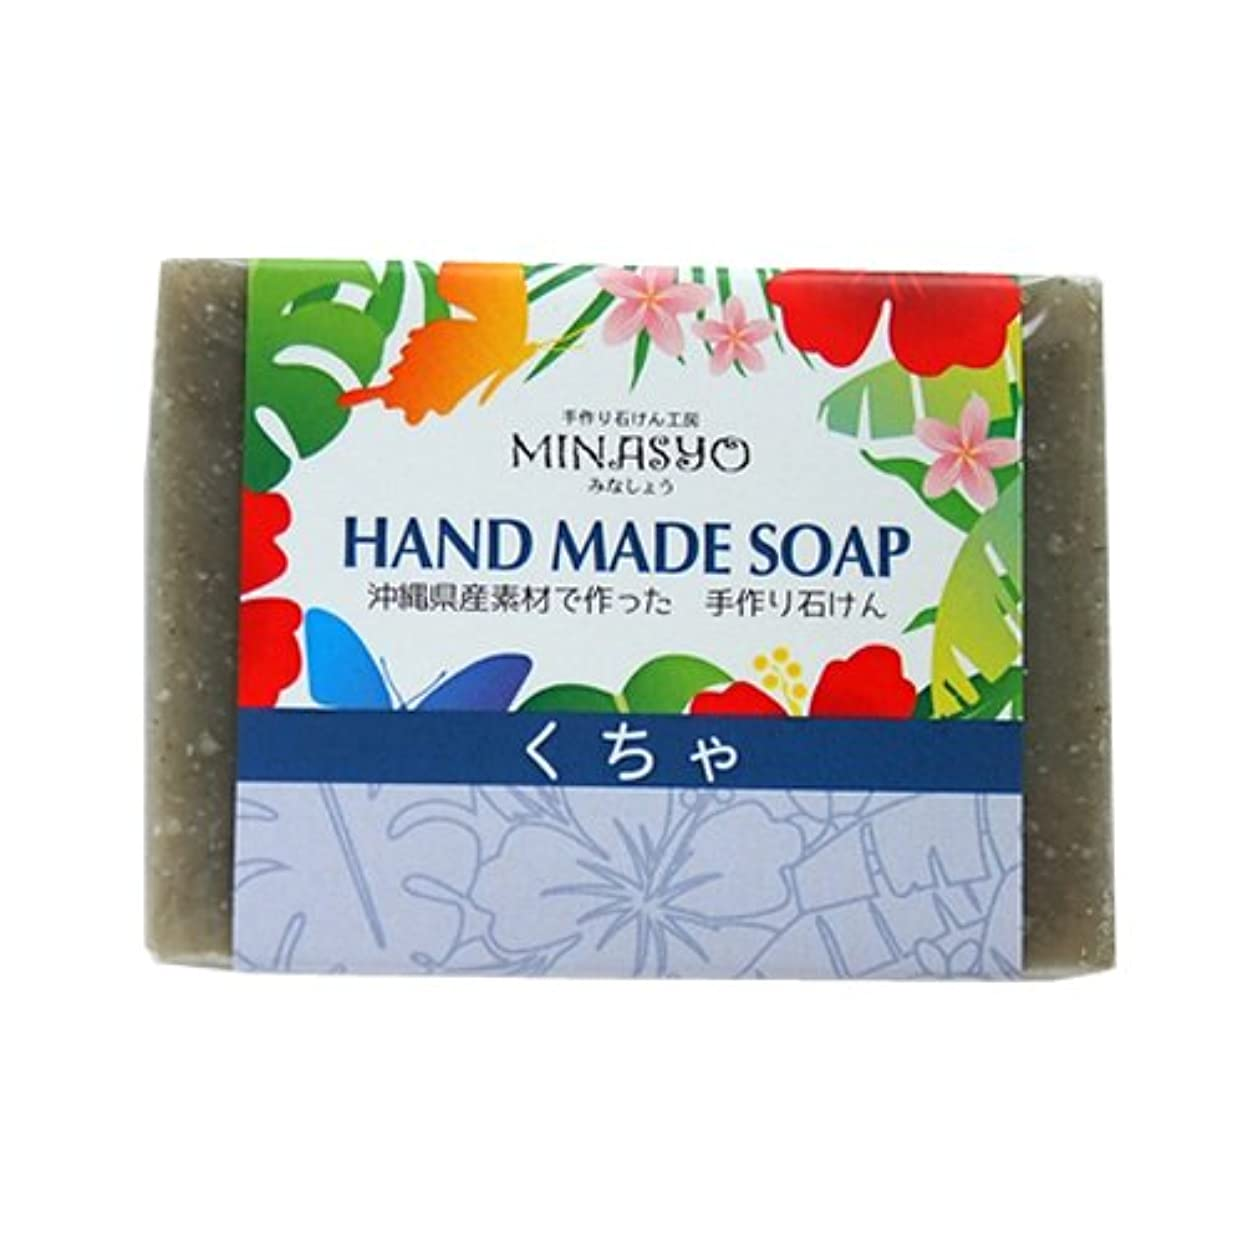 支給失われた本会議洗顔石鹸 毛穴ケア メンズ 無添加 固形 くちゃパック 手作りくちゃ石鹸